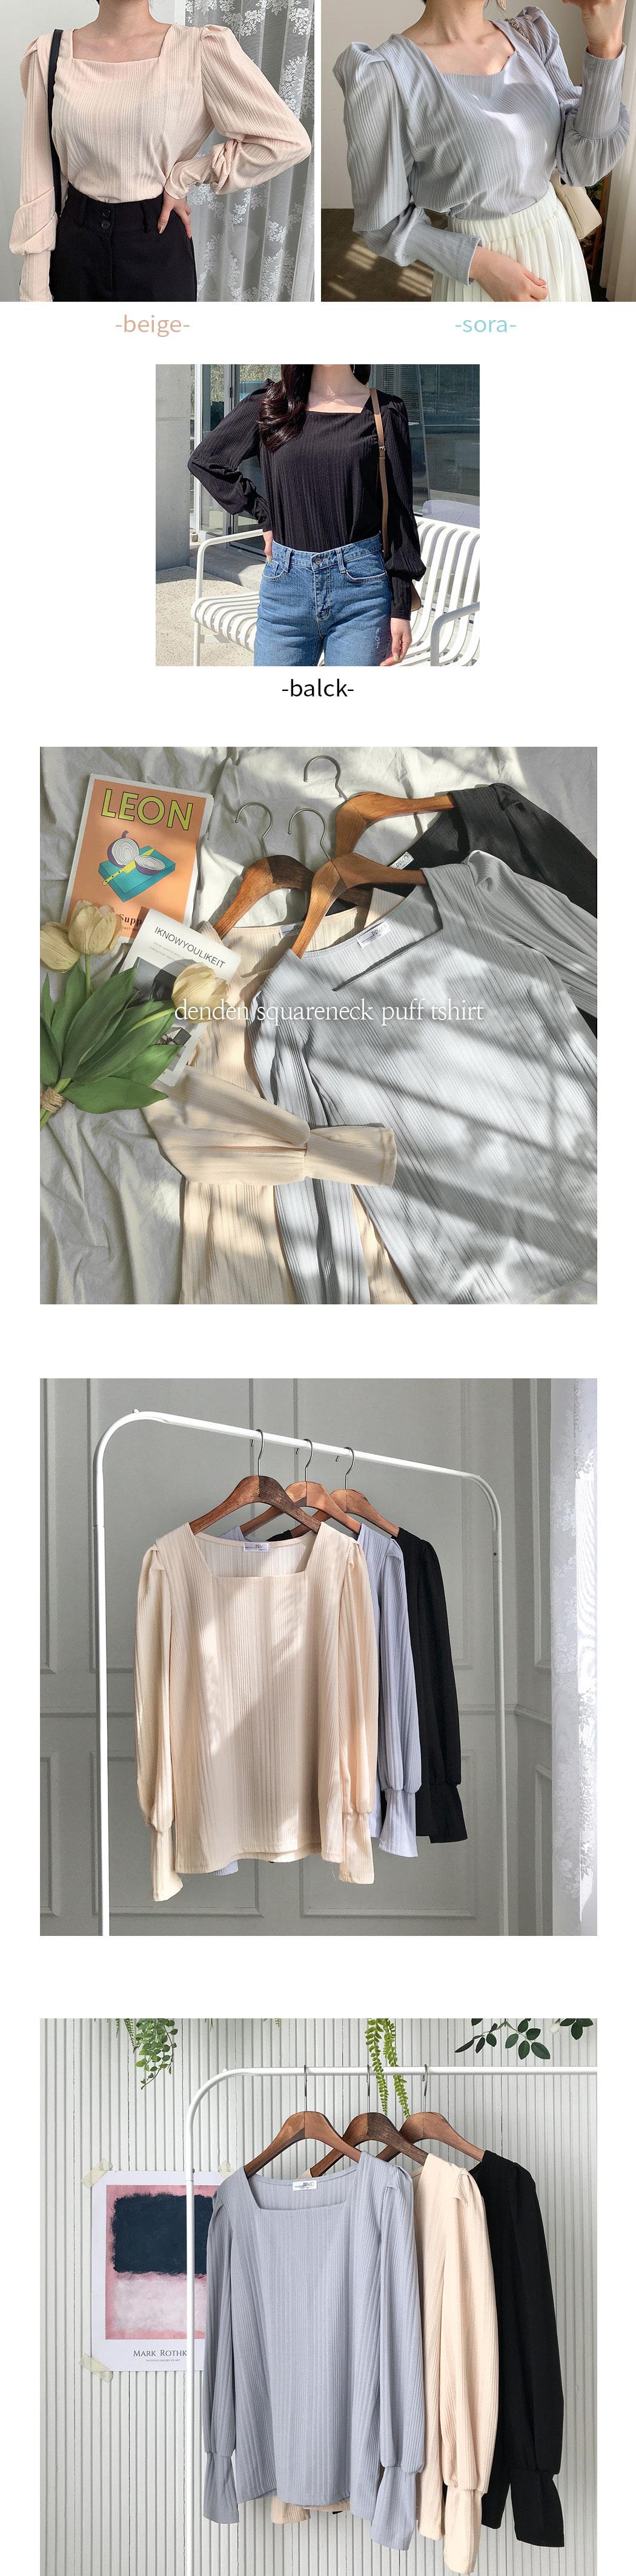 리리앤코 덴덴 스퀘어넥 퍼프 티셔츠